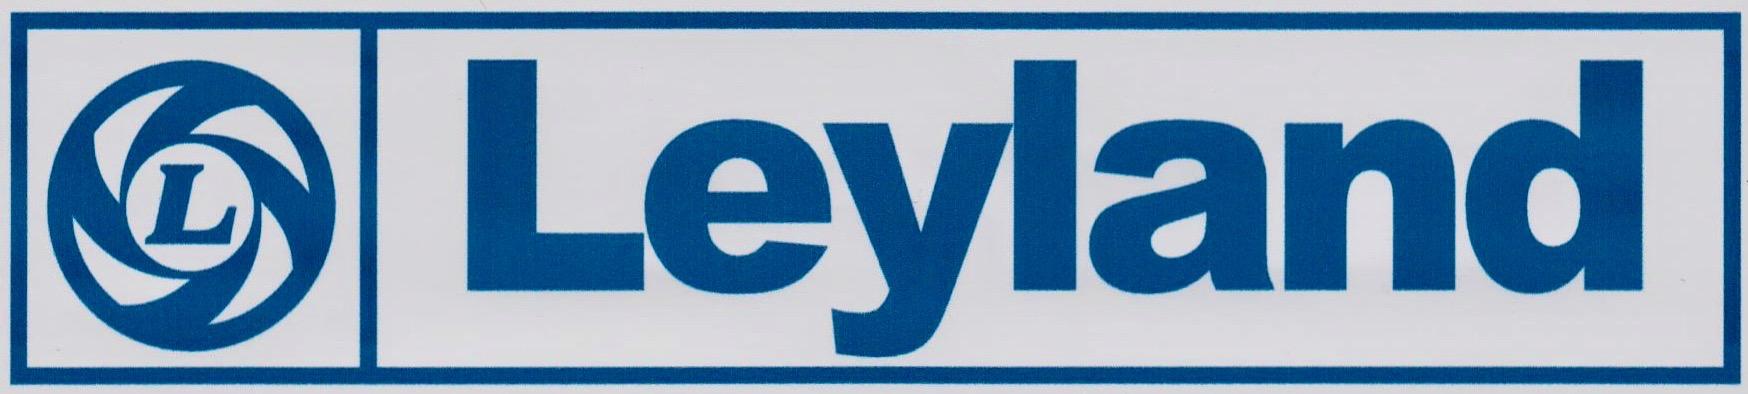 British Leyland Car Sticker